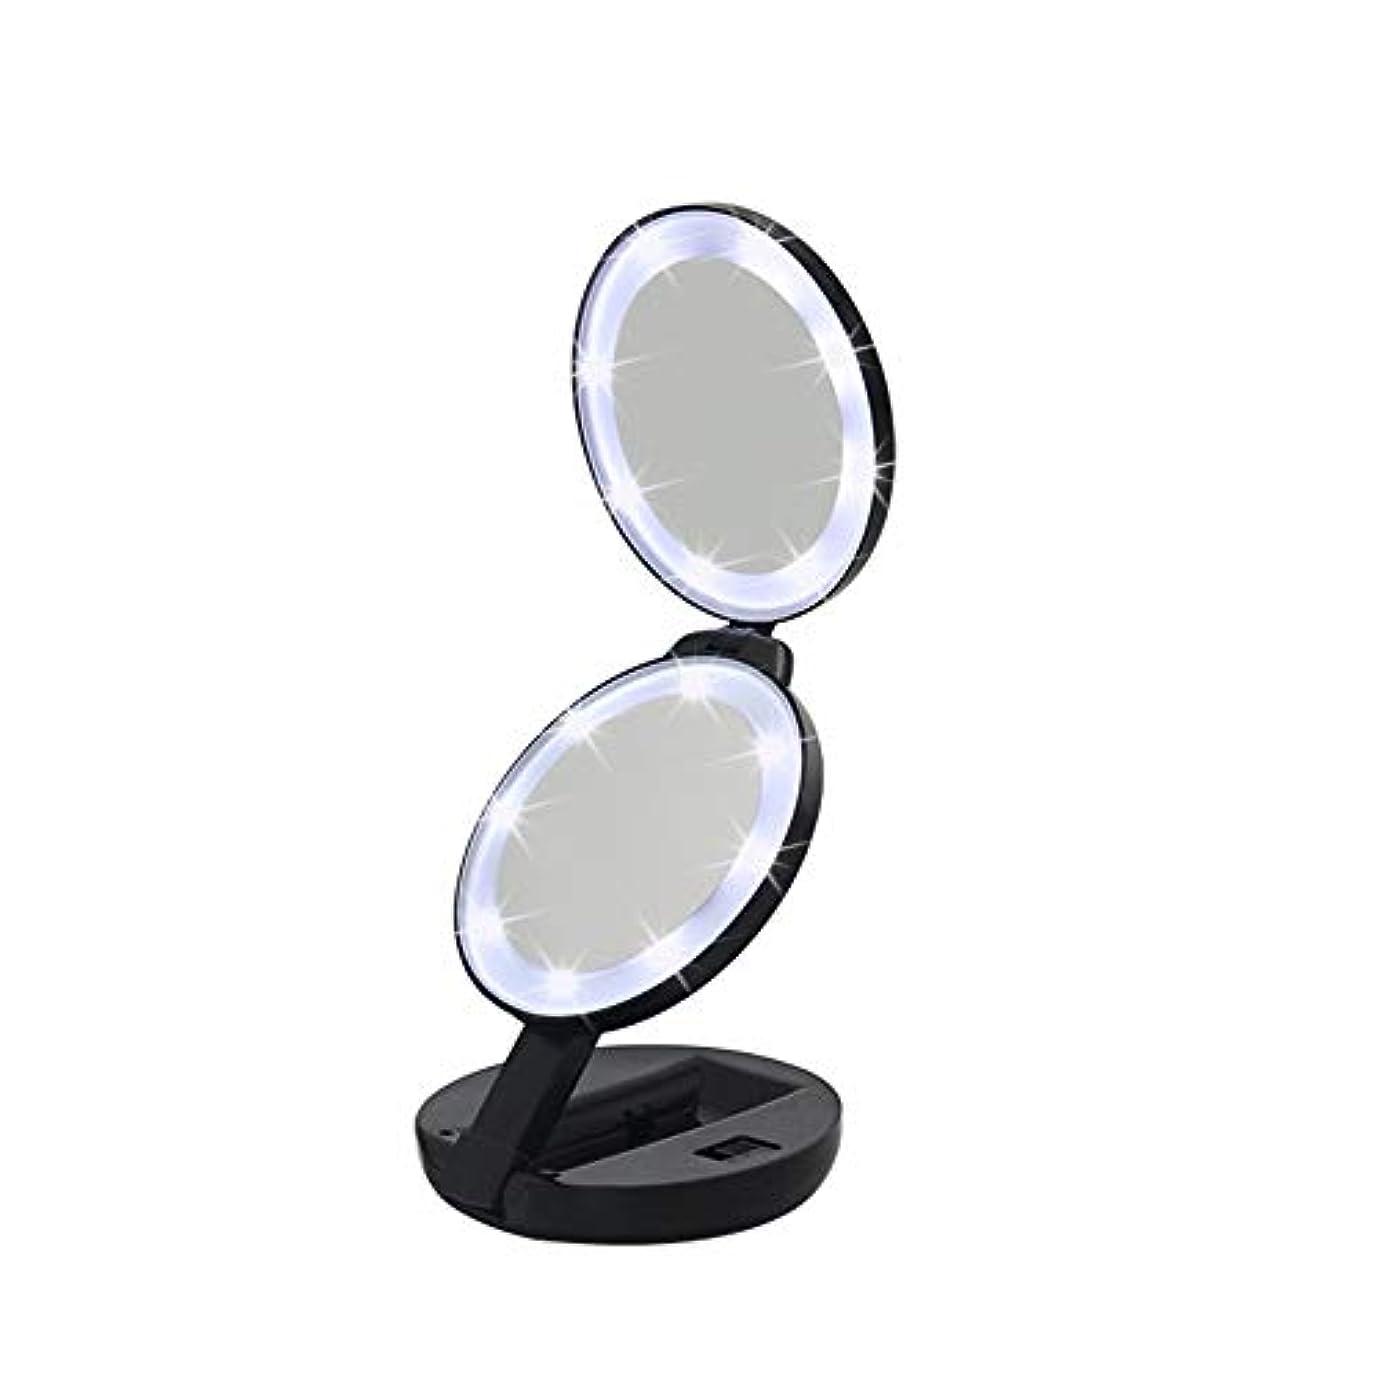 必要性海峡郵便流行の 新しいラウンド三つ折りLEDフィルライト化粧鏡ABS素材虫眼鏡ハンドヘルド美容ミラーブラック